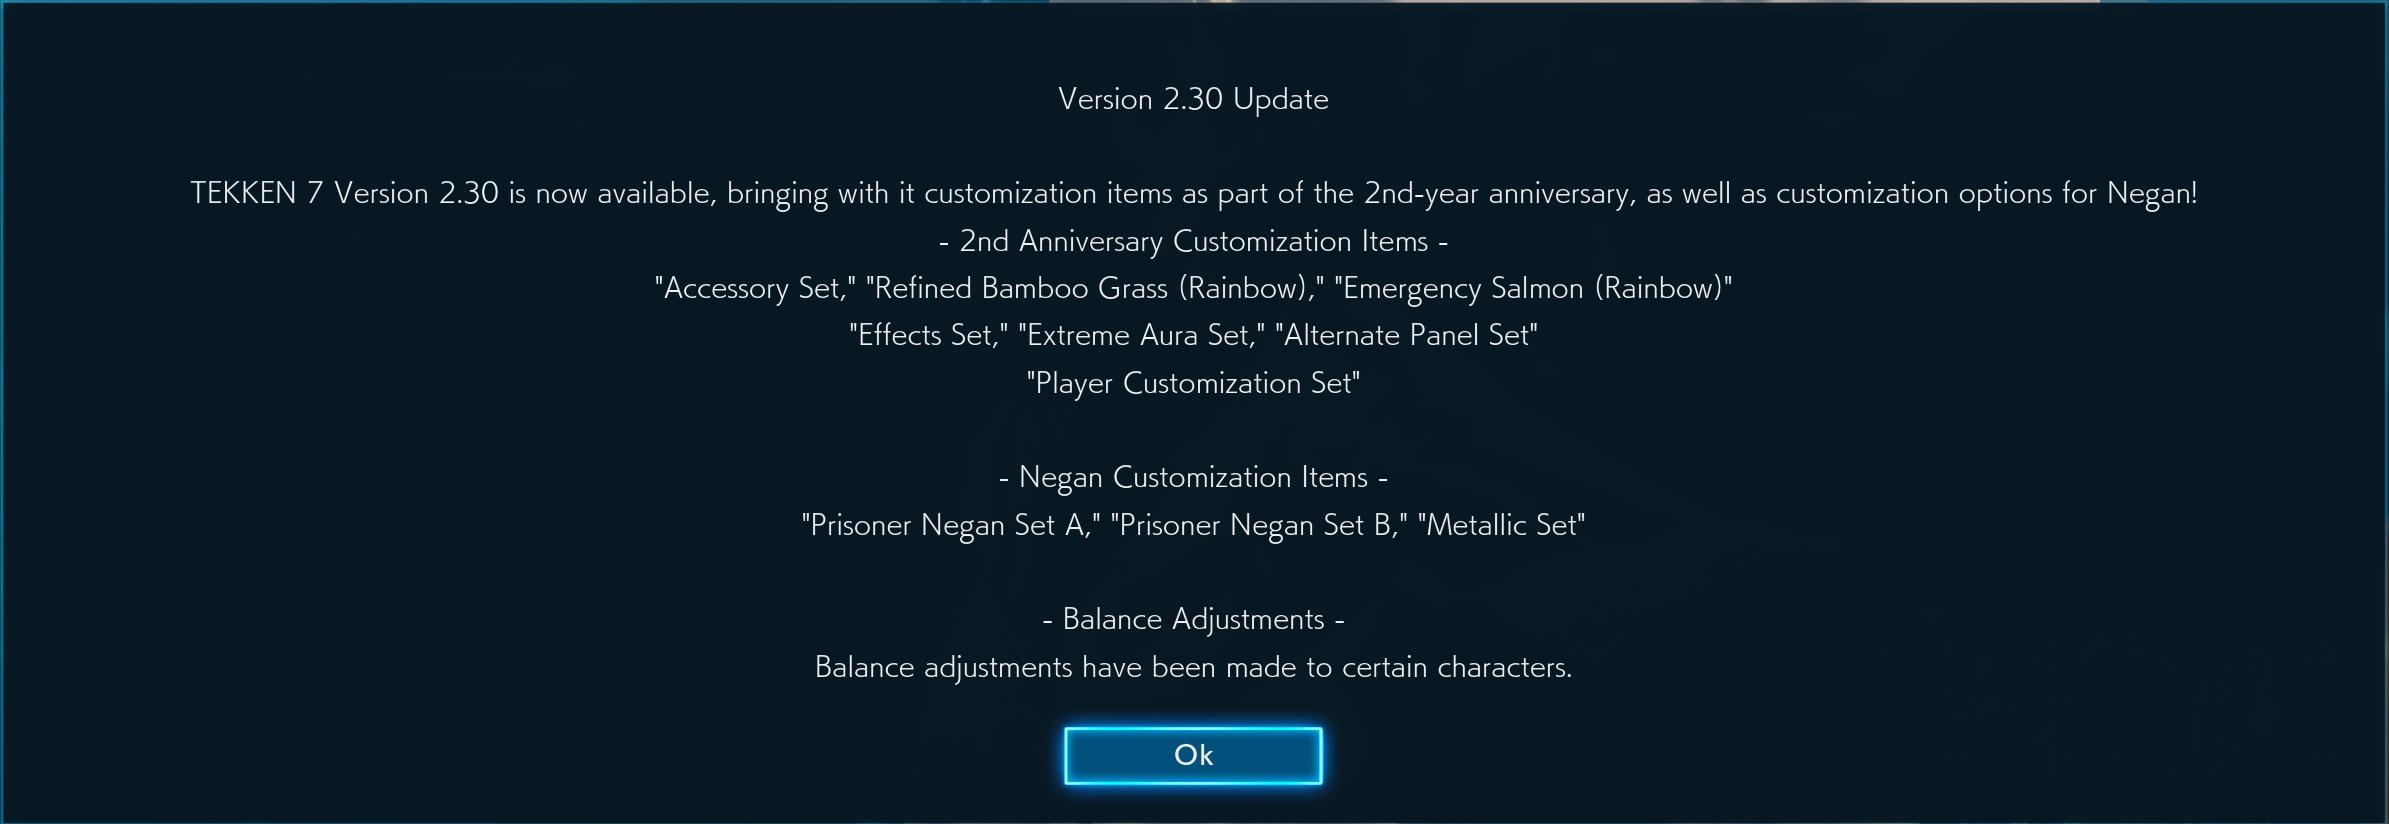 Free DLC update incoming to celebrate Tekken 7's 2-year anniversary